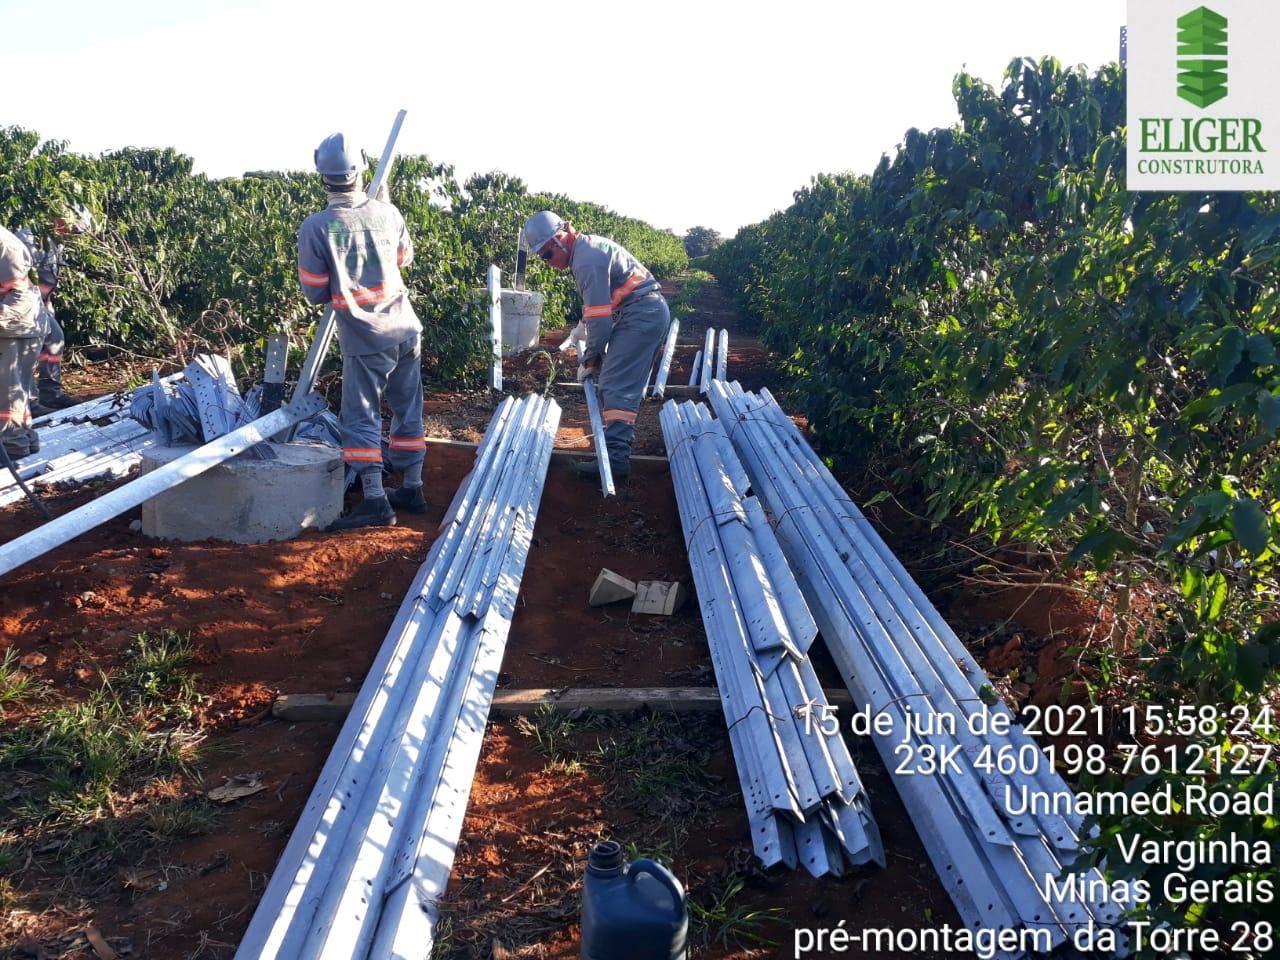 LINHA DO TEMPO DAS OBRAS EM EXECUÇÃO - ELIGER CONSTRUTORA E SERVIÇOS EIRELI - 12 DE JULHO DE 2021